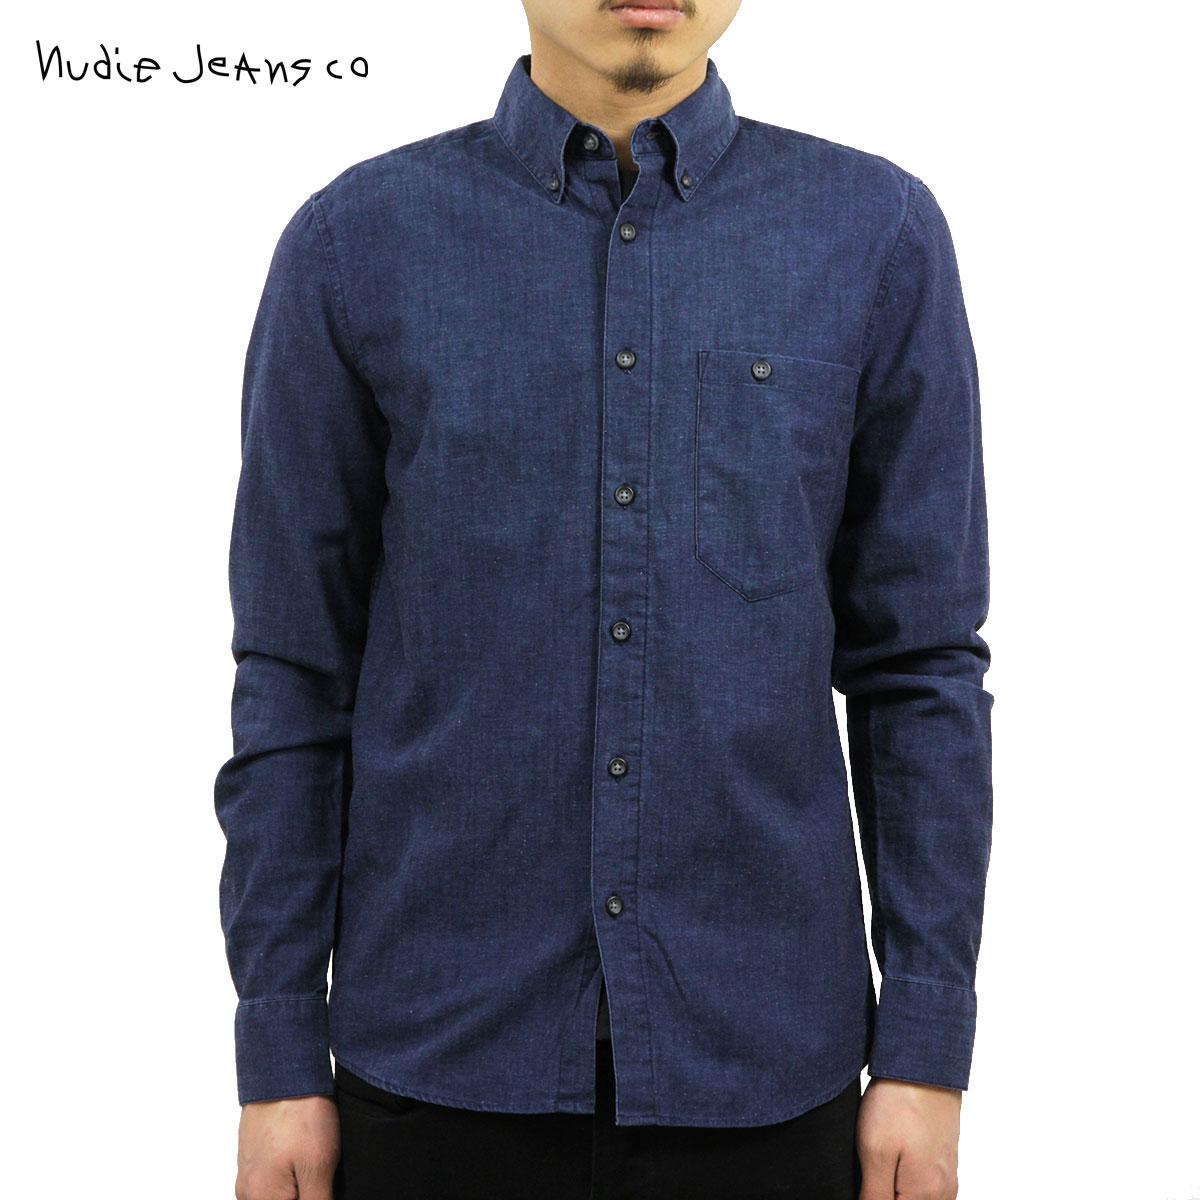 ヌーディージーンズ Nudie Jeans 正規販売店 メンズ 長袖シャツ Stanley Org. Deep Blue Denim B26 140277 3015 D15S25